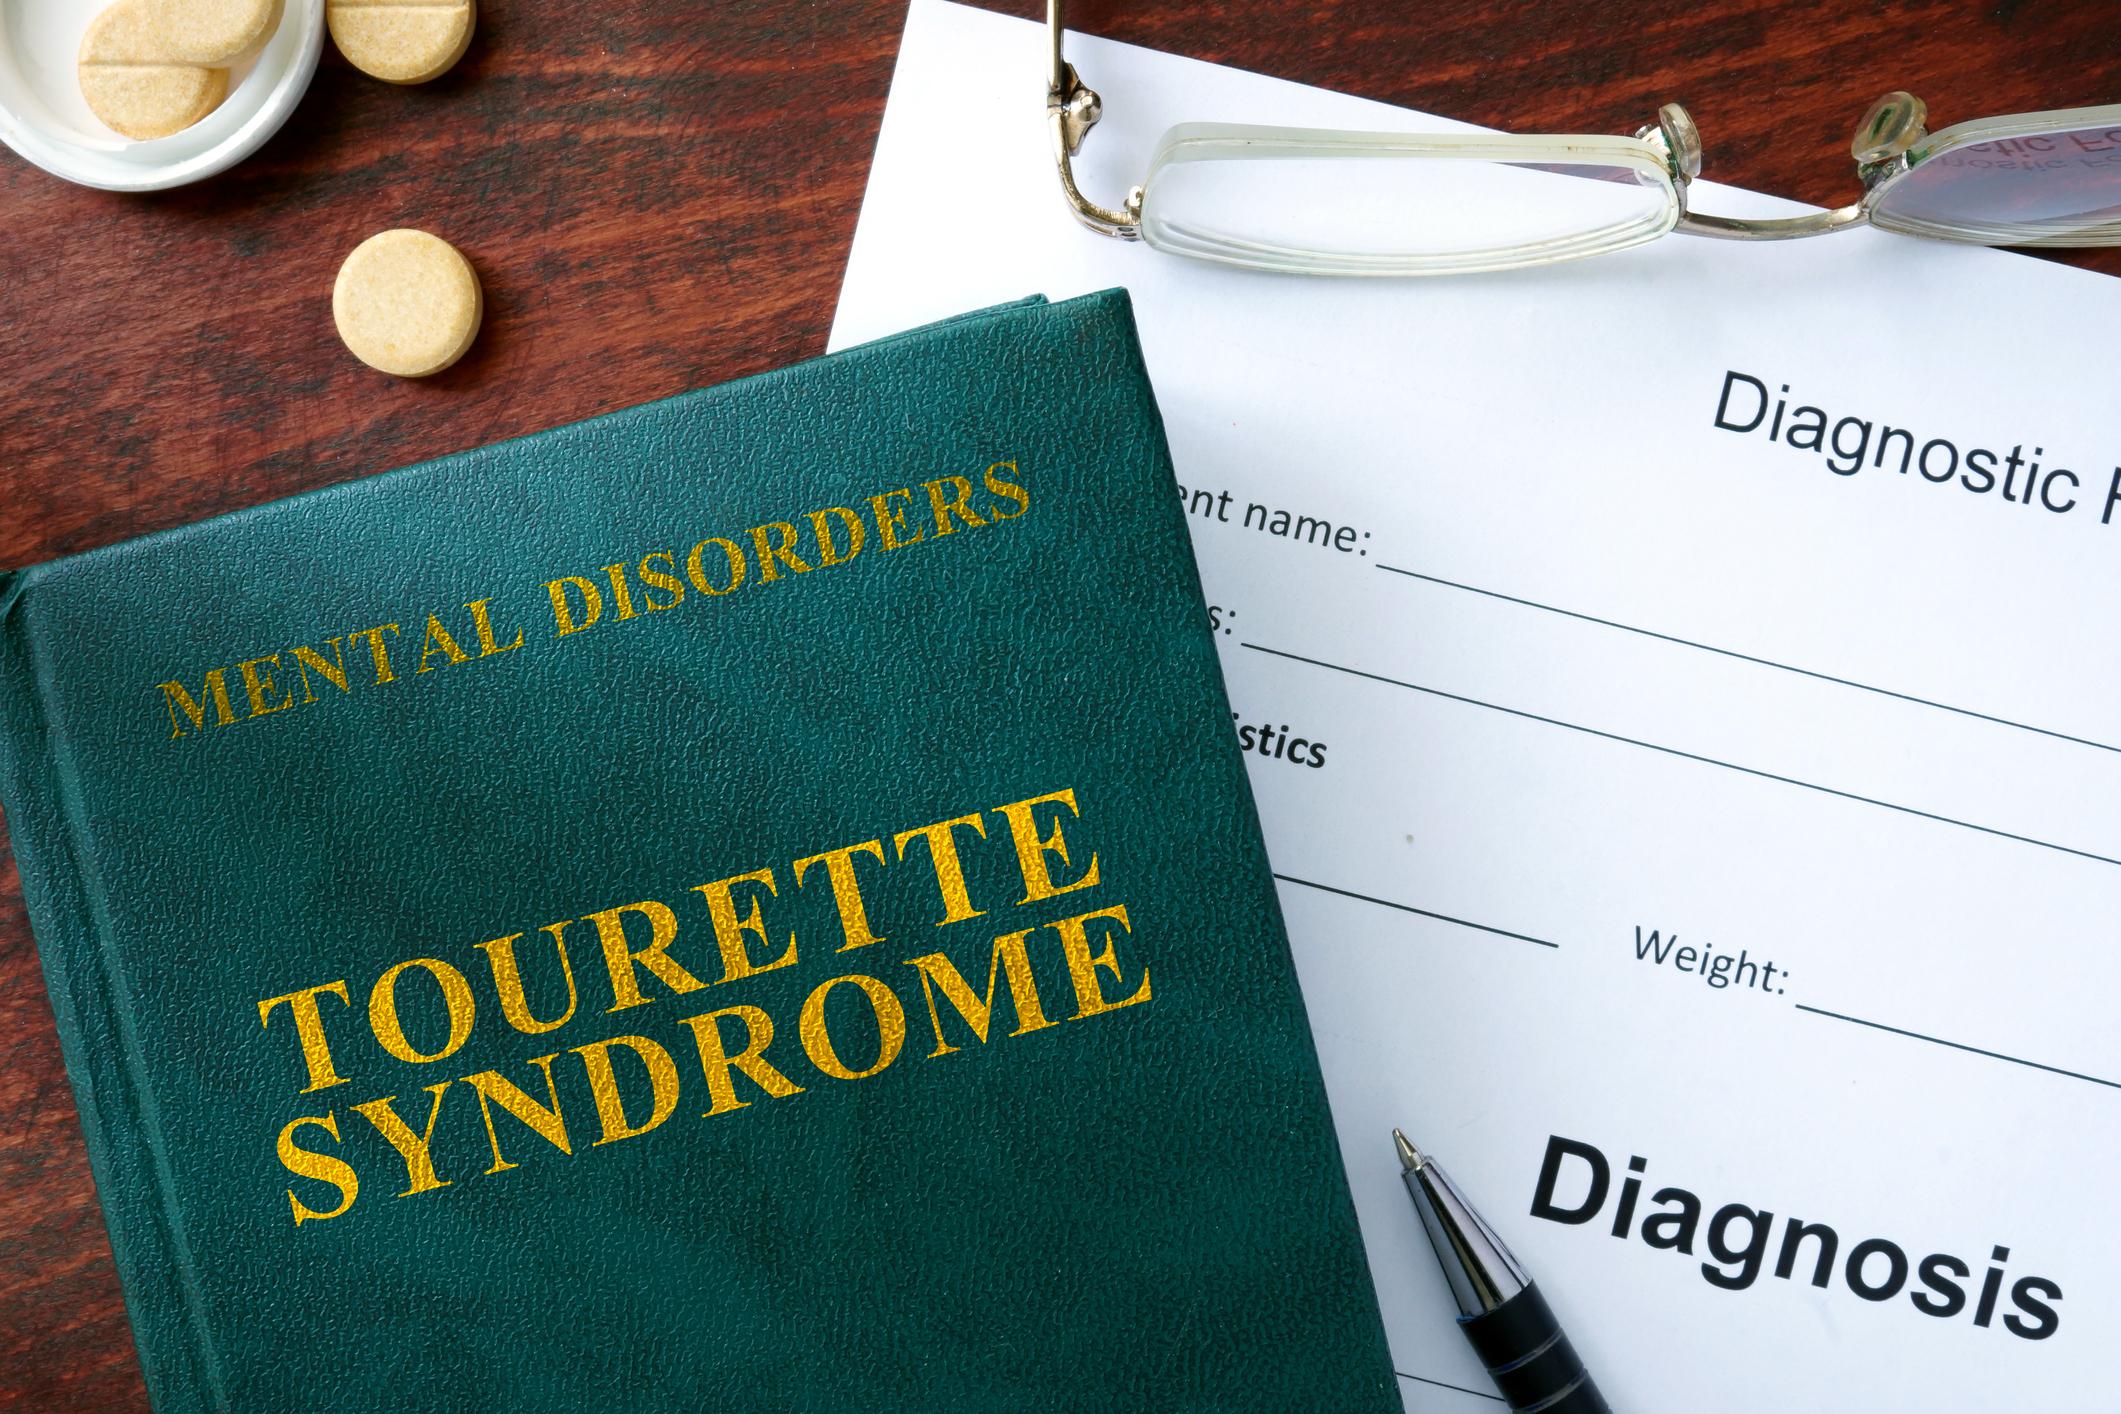 Tourette-szindrómás gyerekek tanulási képességeit vizsgálták